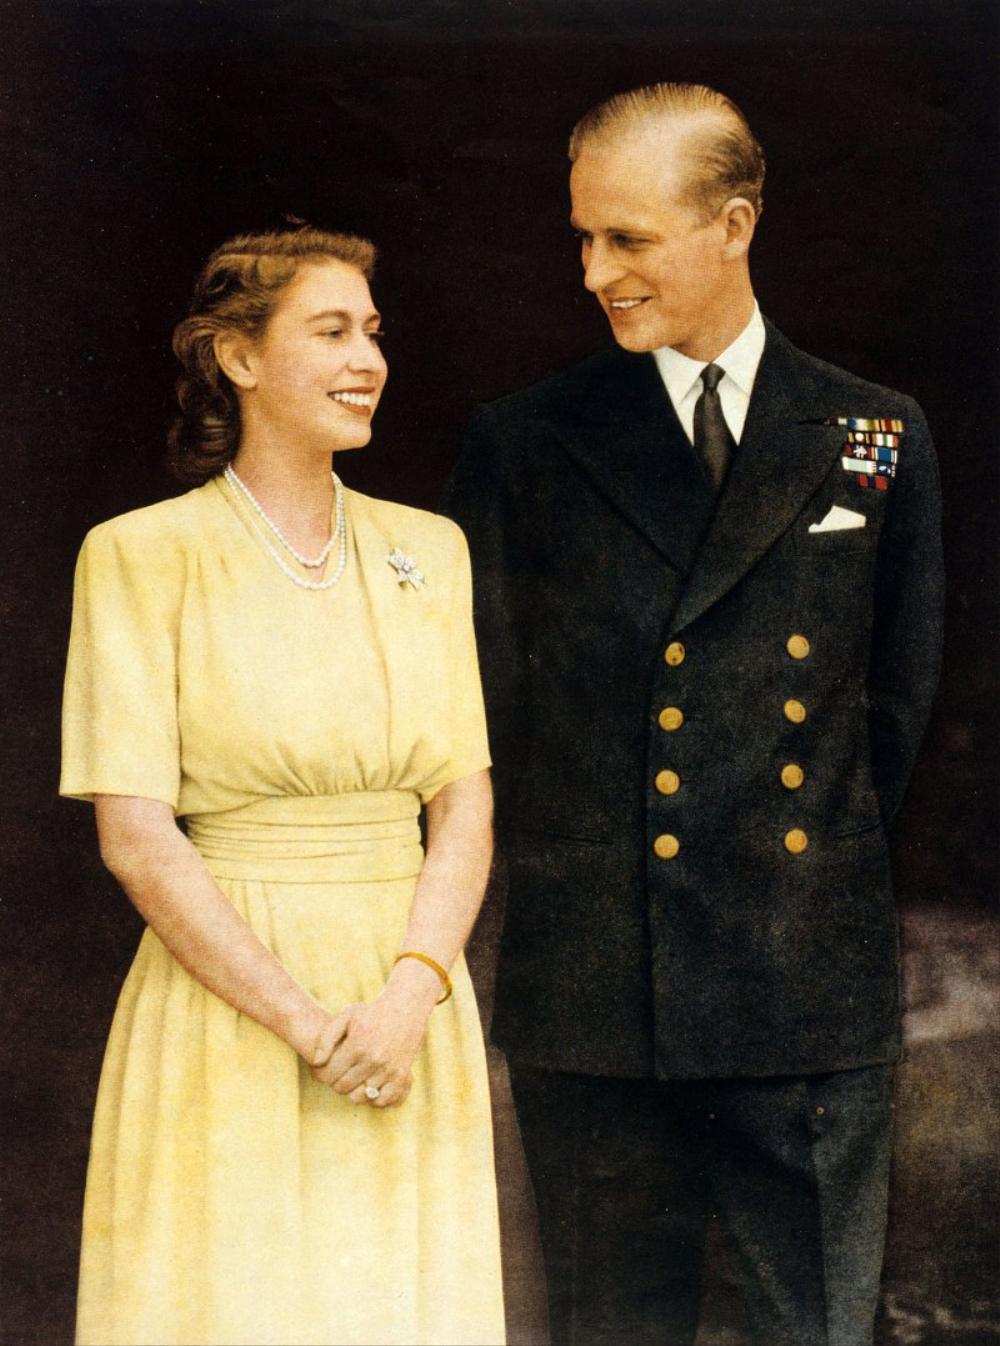 Câu chuyện chưa kể về buổi gặp gỡ khiến Nữ hoàng Elizabeth phải lòng Hoàng thân Philip Ảnh 1